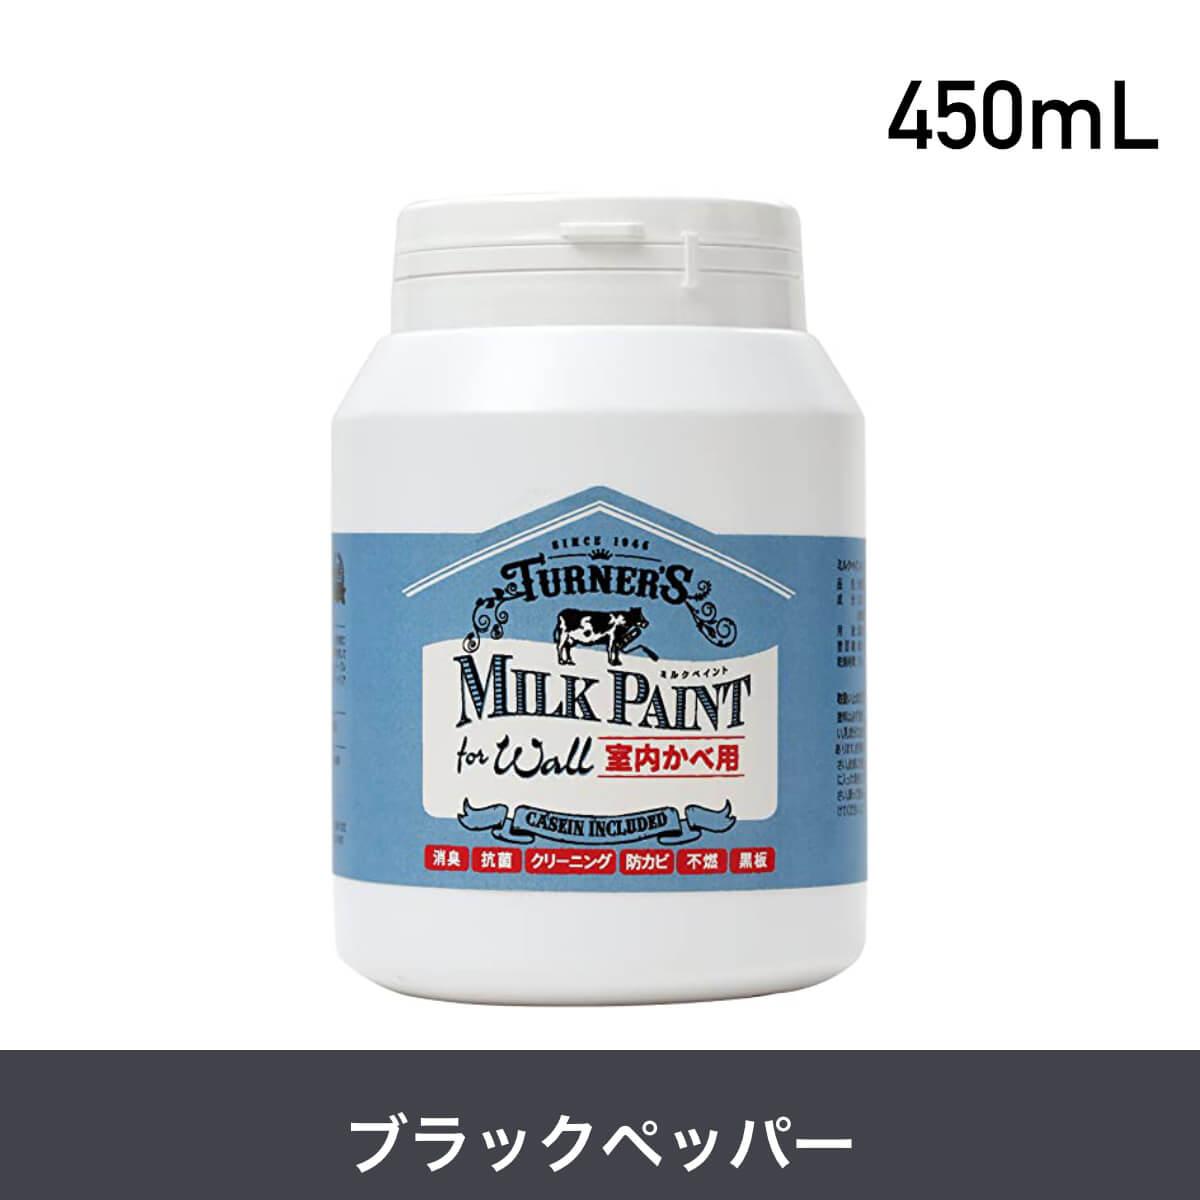 ミルクペイント 室内壁用塗料 ブラックペッパー 450ml